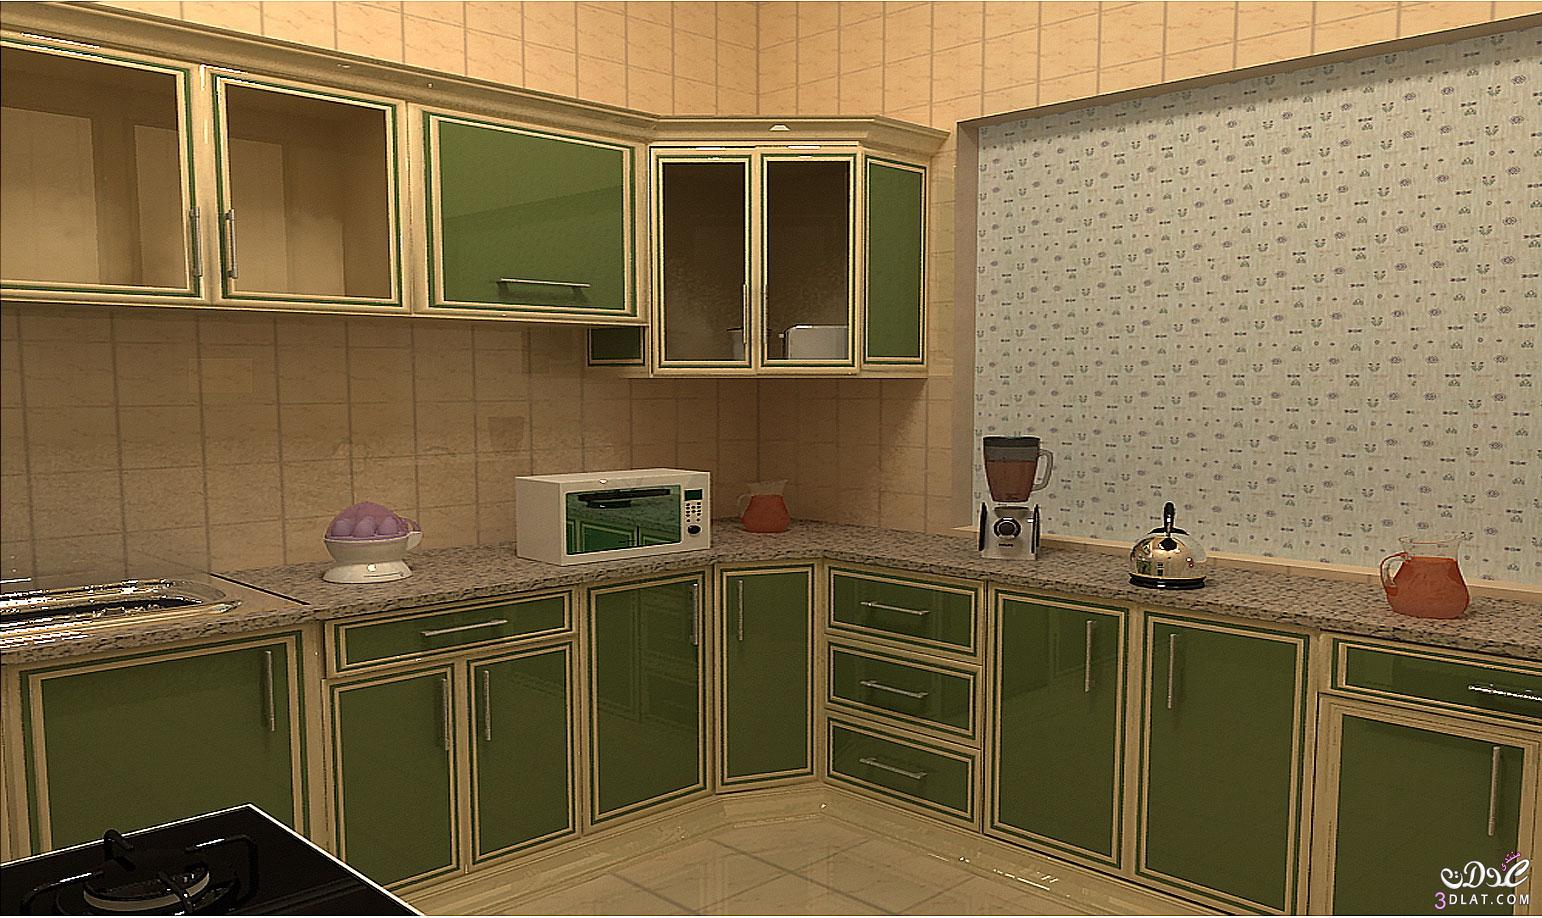 ديكورات مطابخ ناعمة ، مطابخ عصرية مميزة ، تصاميم مطابخ حديثة   روزة